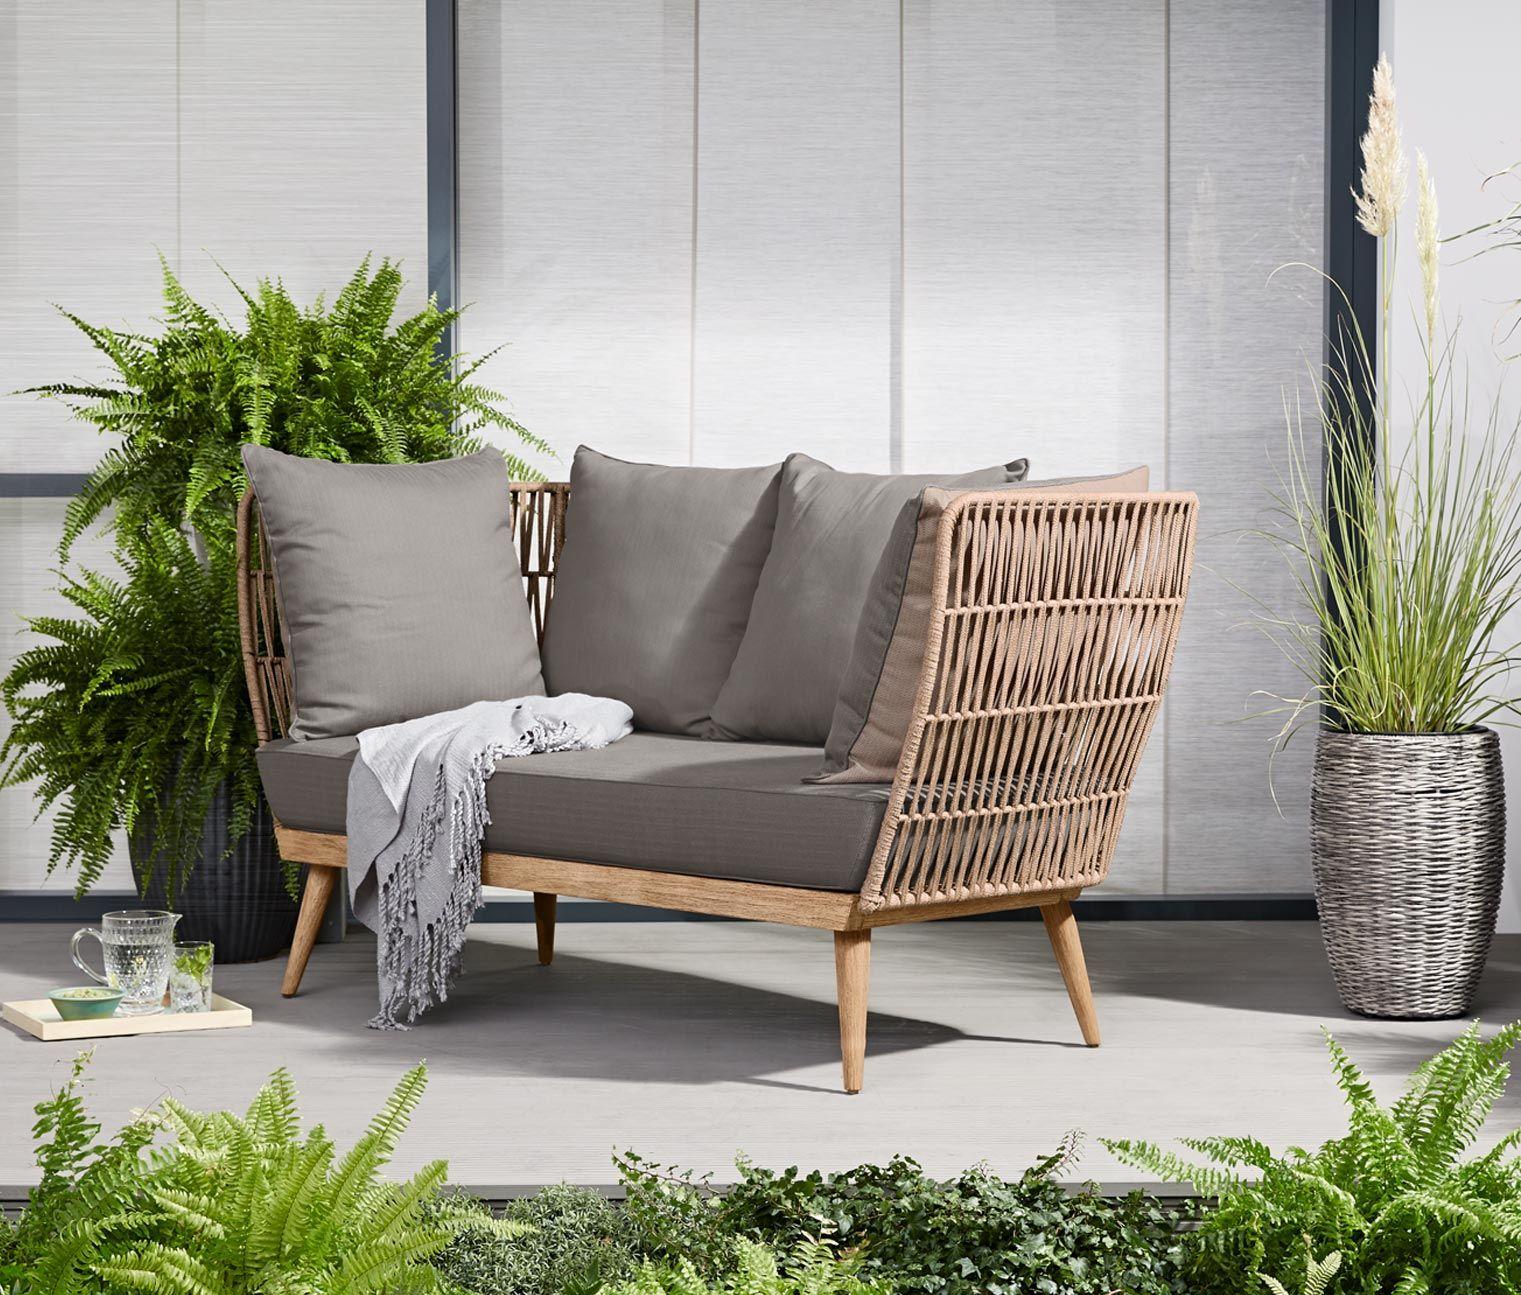 Full Size of Komfort Gartensofa Tchibo 2 In 1 Lounge Sofa Premium Mit Textilgeflecht Garten Wohnzimmer Gartensofa Tchibo